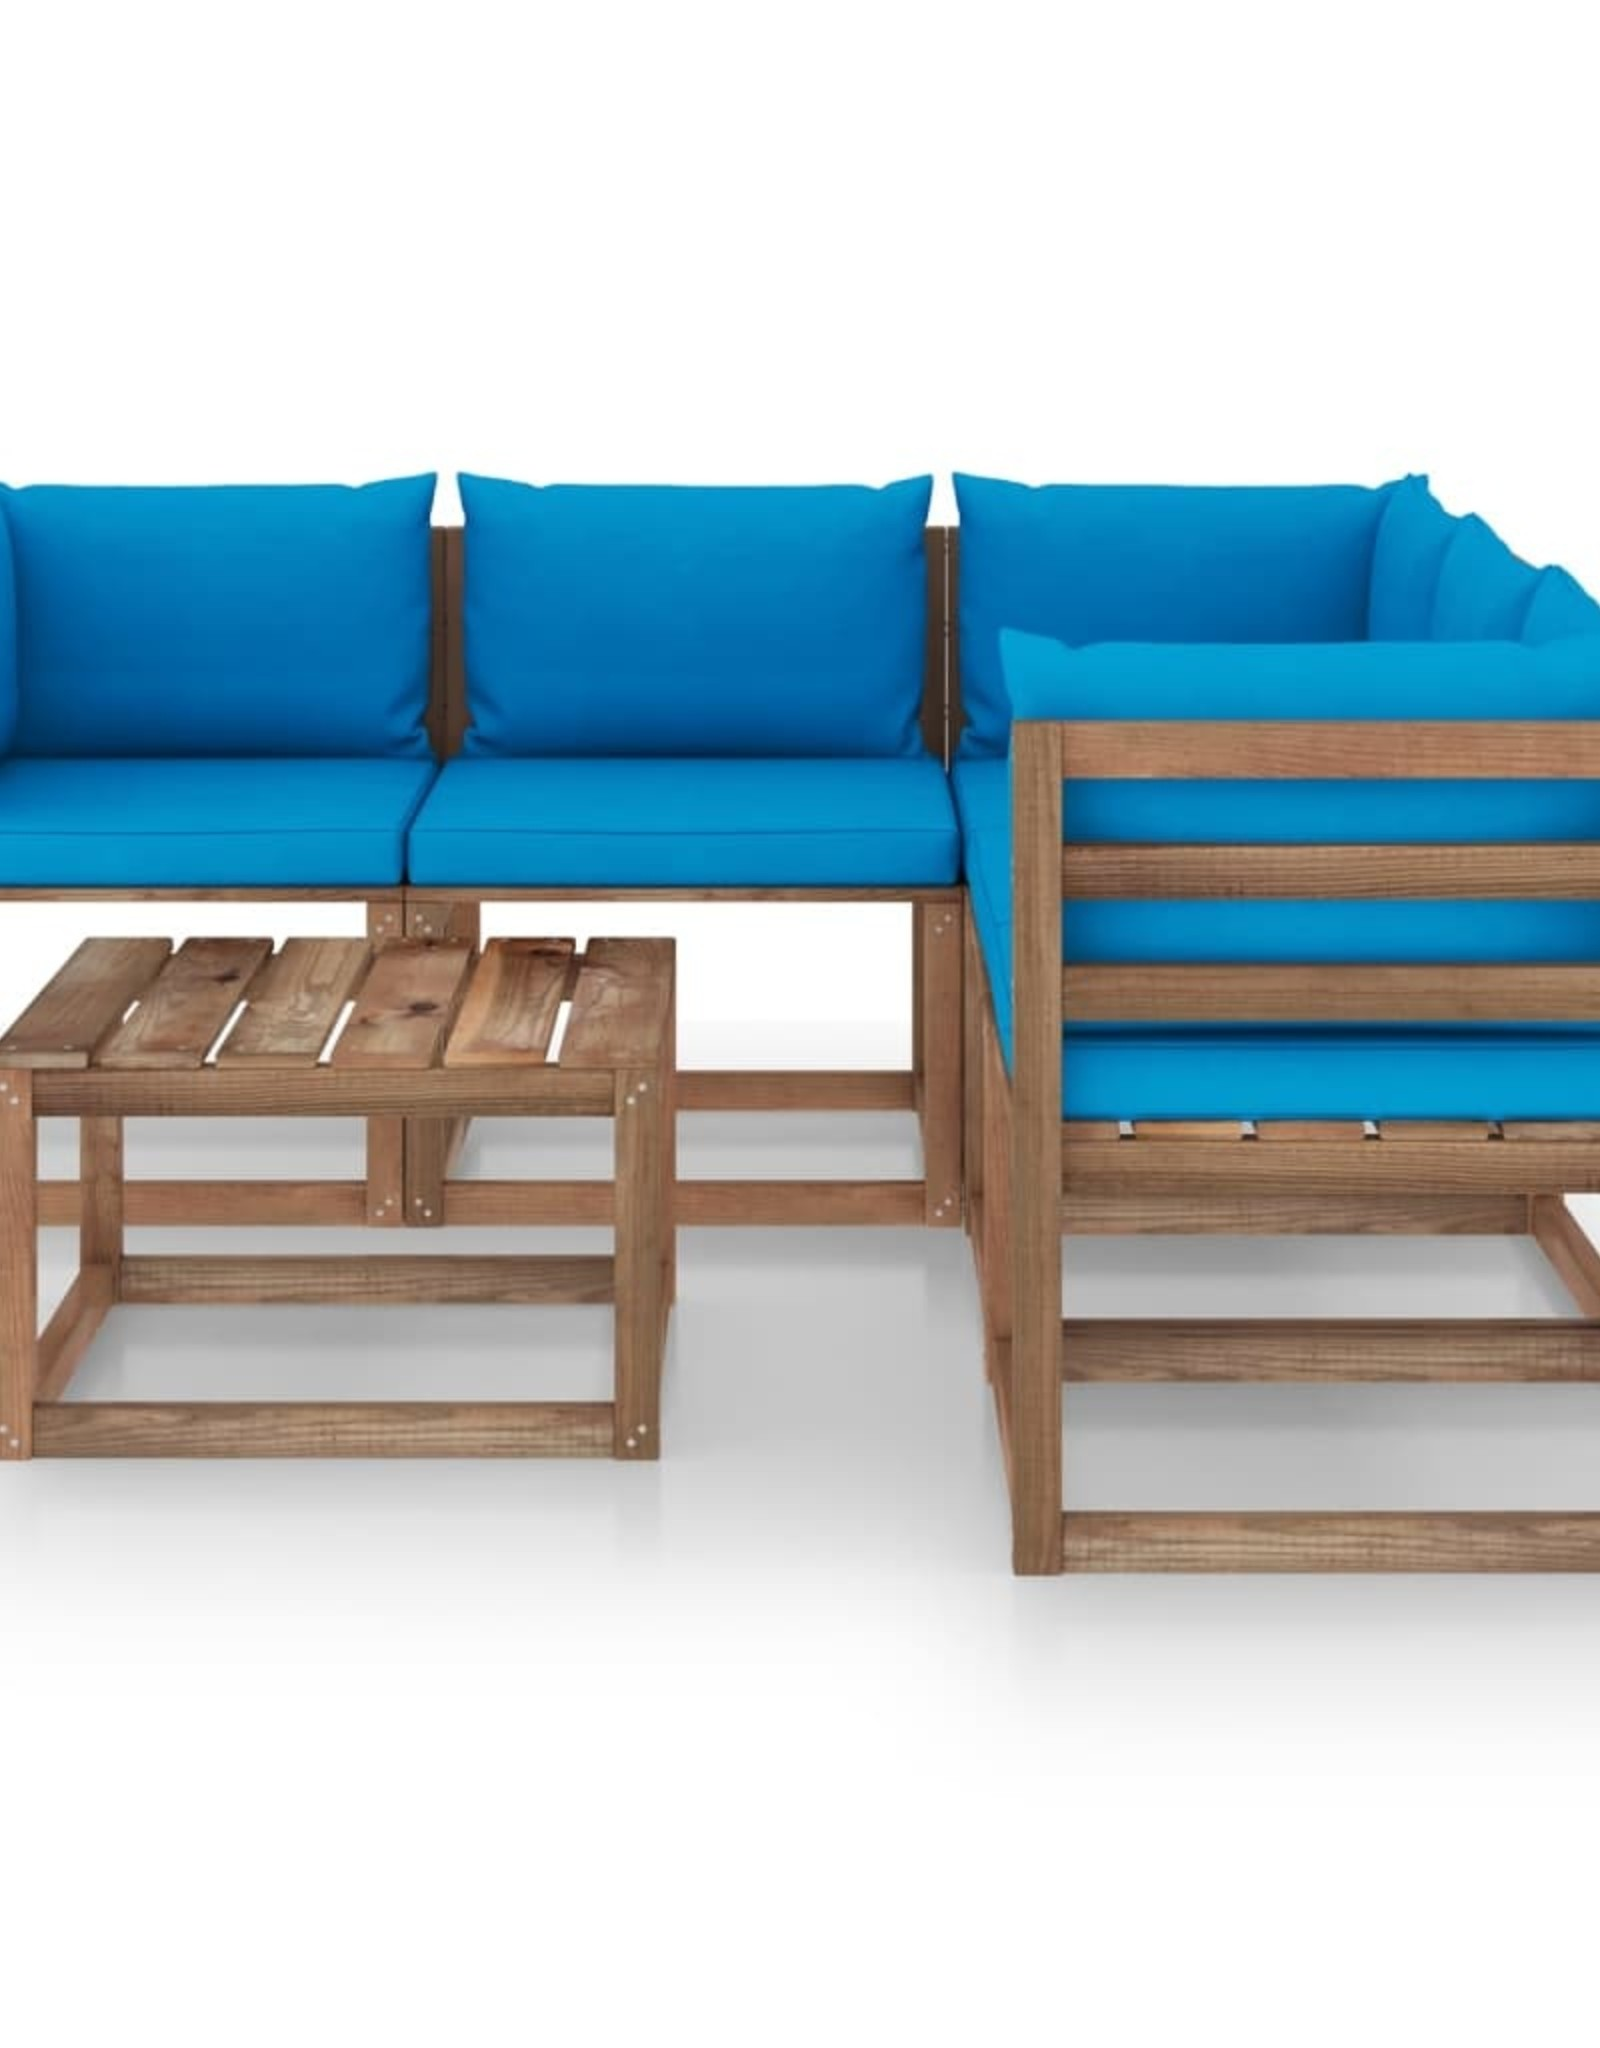 6-delige Loungeset lichtblauwe kussens geïmpregneerd grenenhout